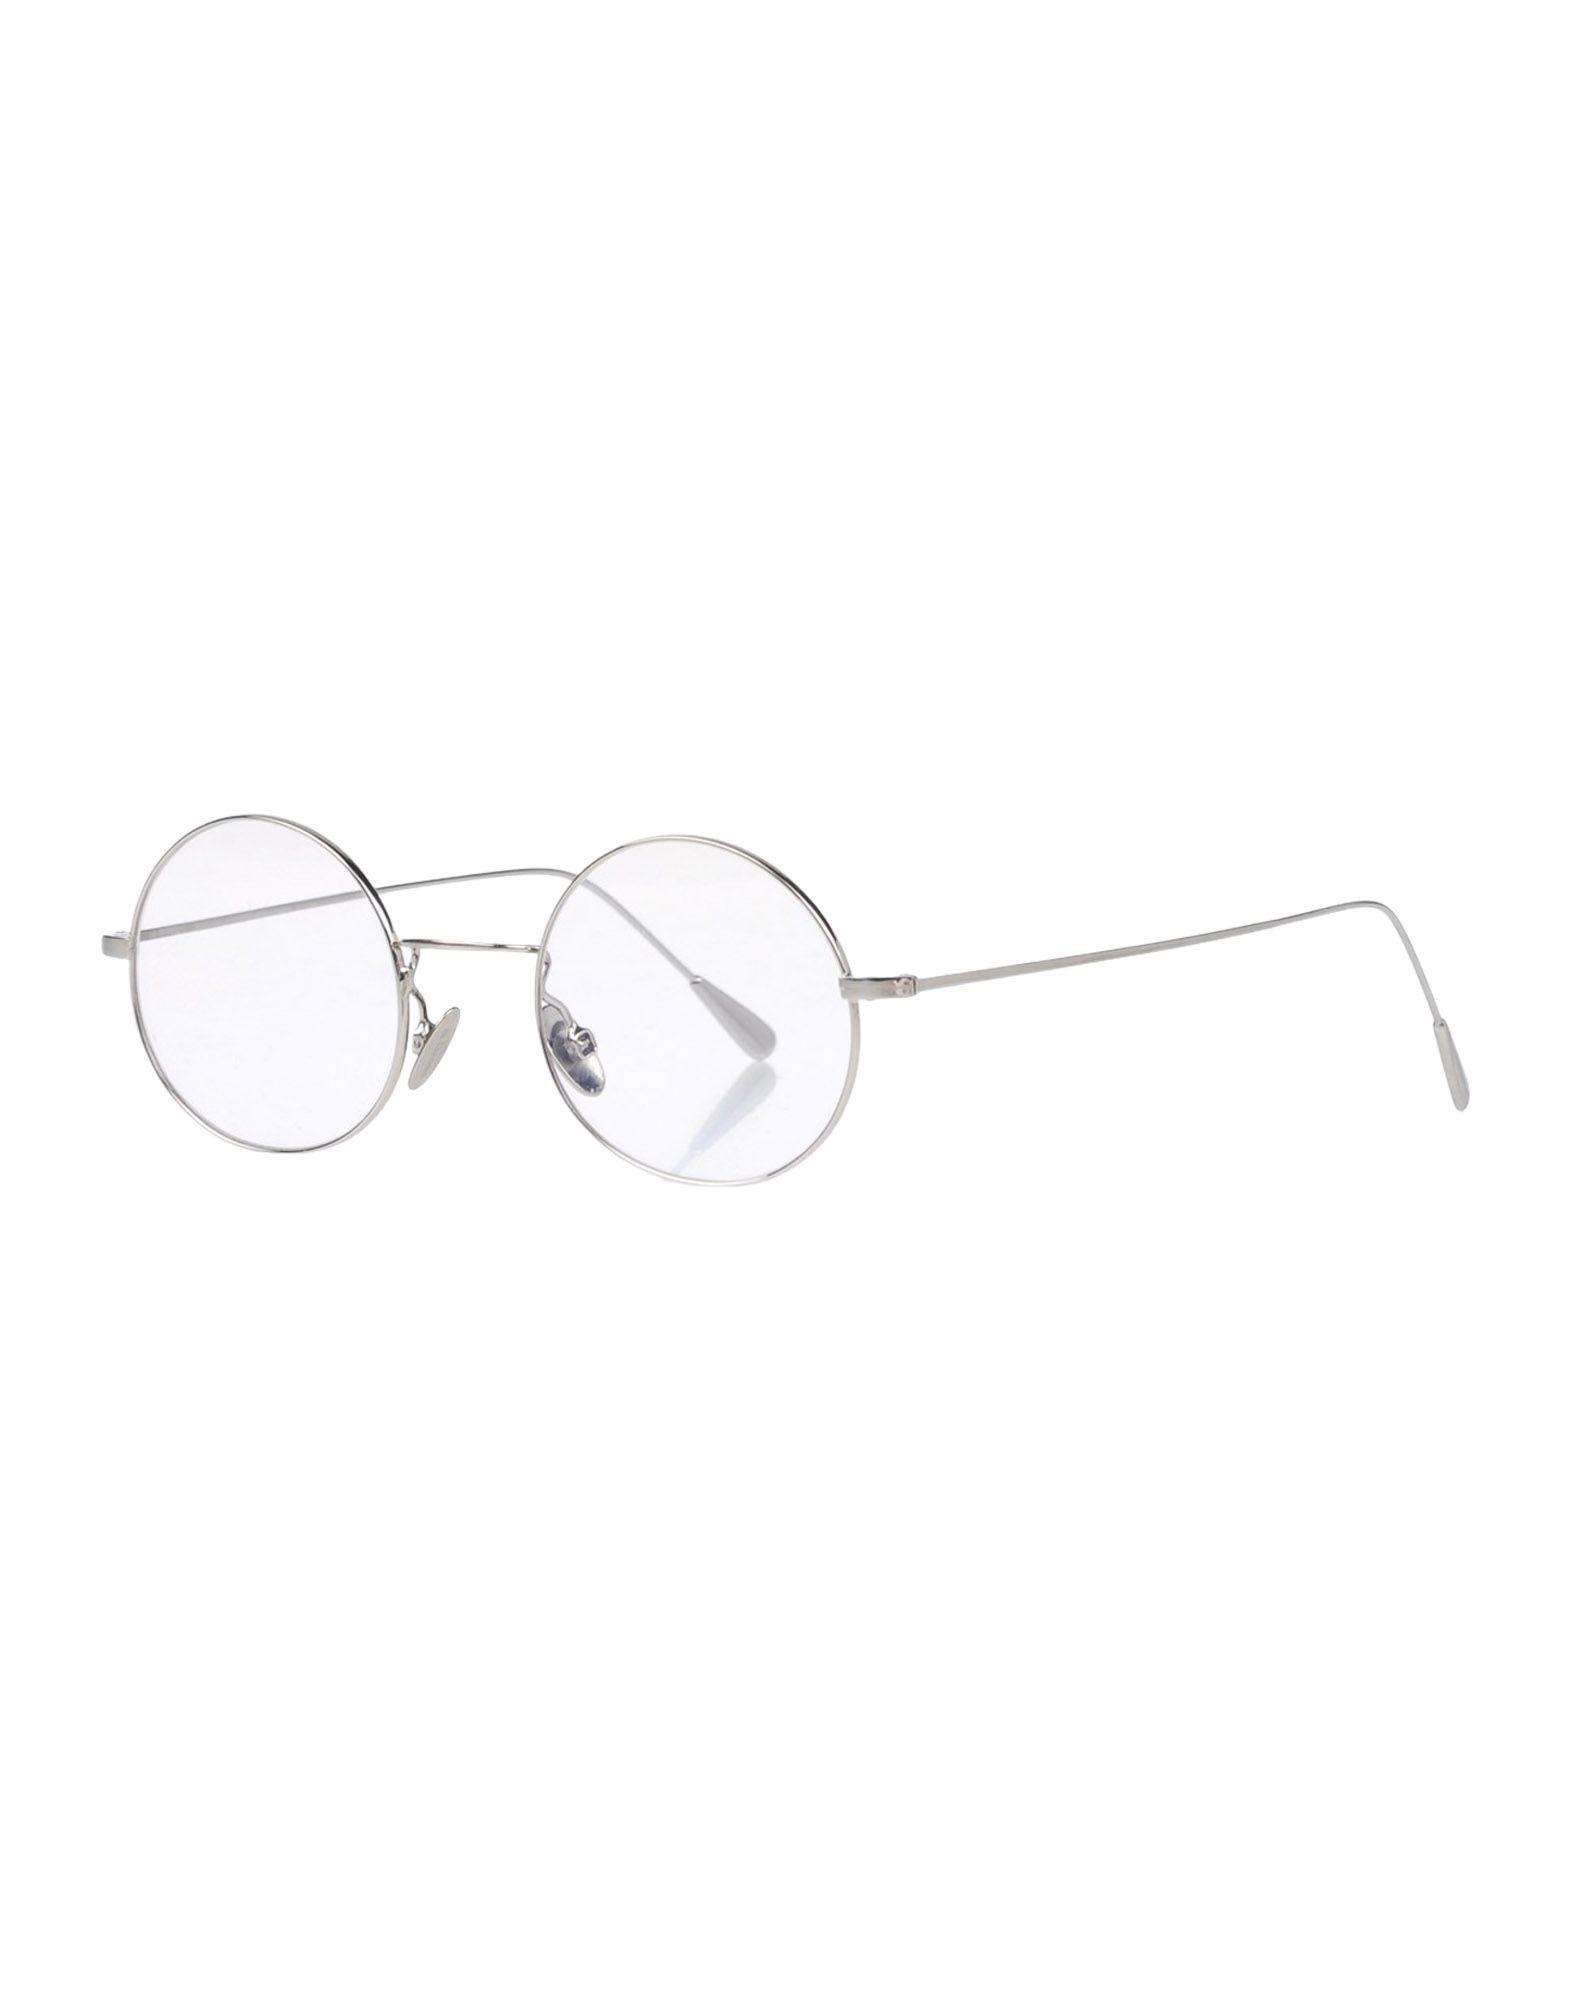 CUTLER AND GROSS Herren Brille Farbe Silber Größe 1